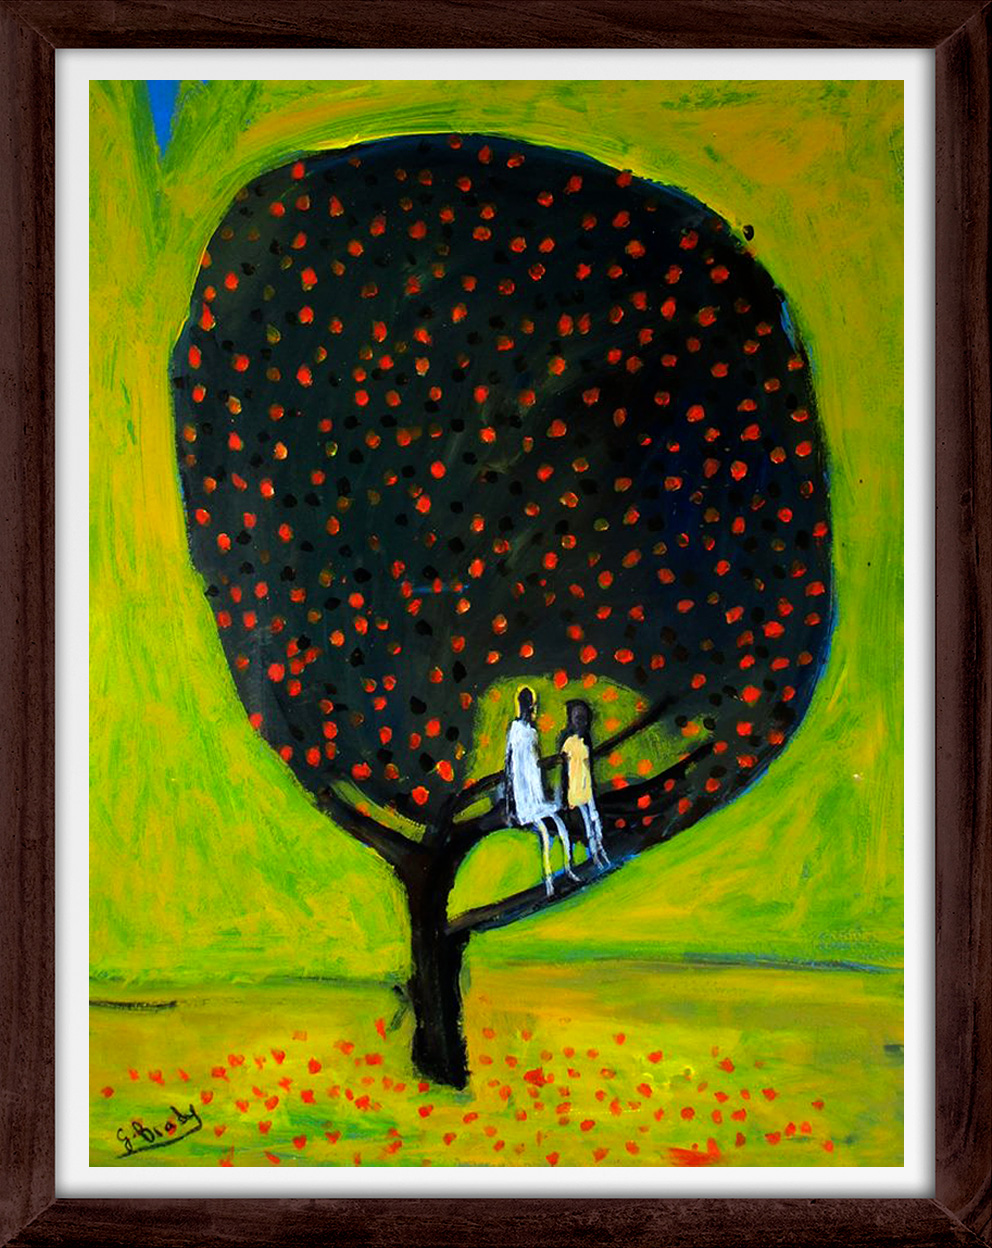 Glenn Brady - 'Girls in the Tree' Framed